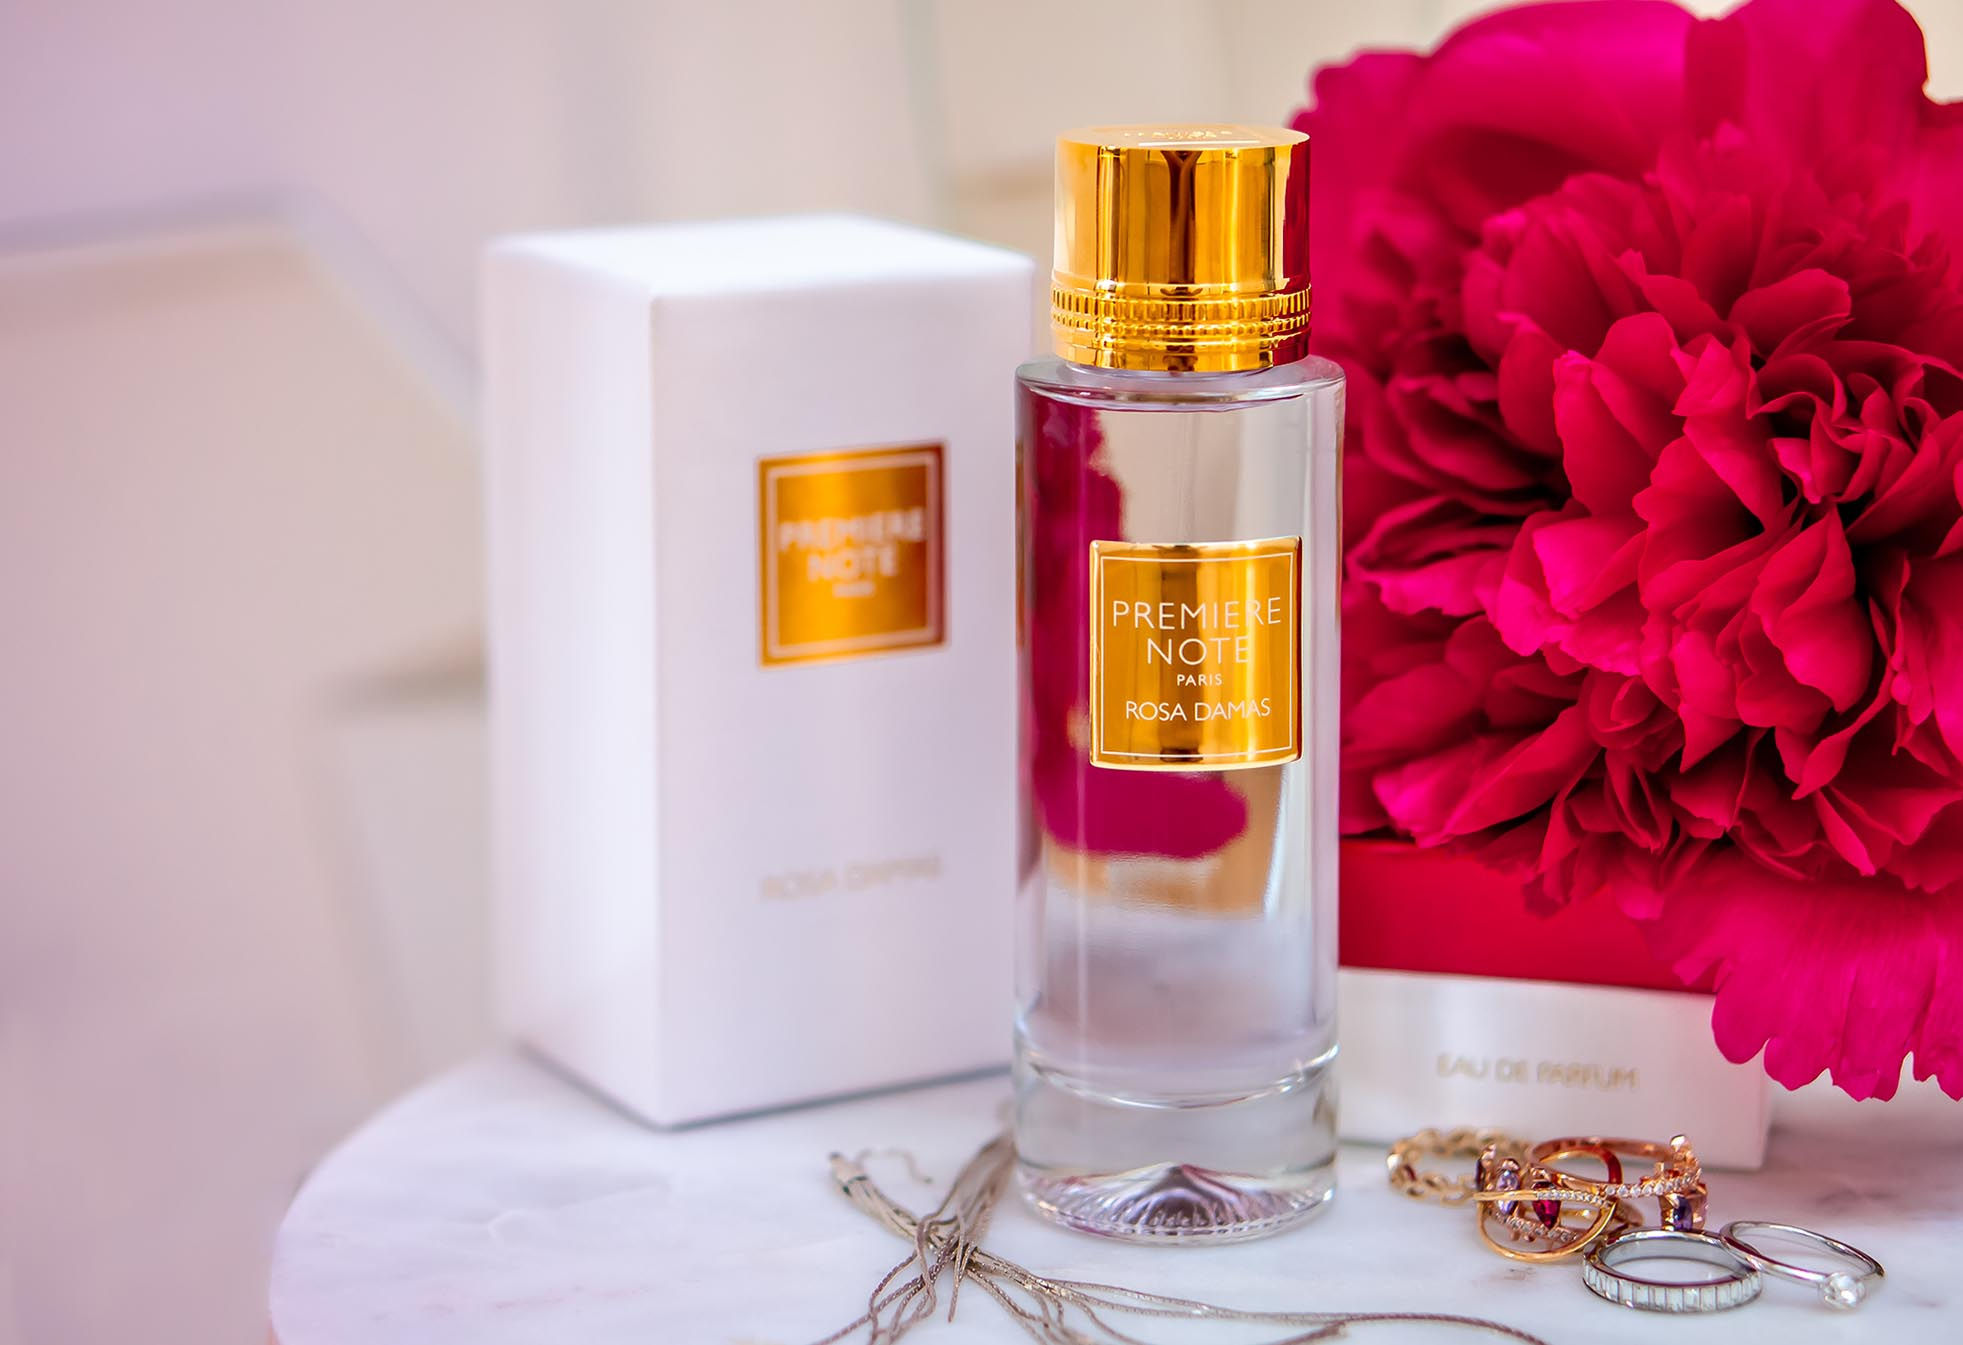 Premiere Note Rosa Damas perfume niche fragrance Duft Parfüm parfum парфюм